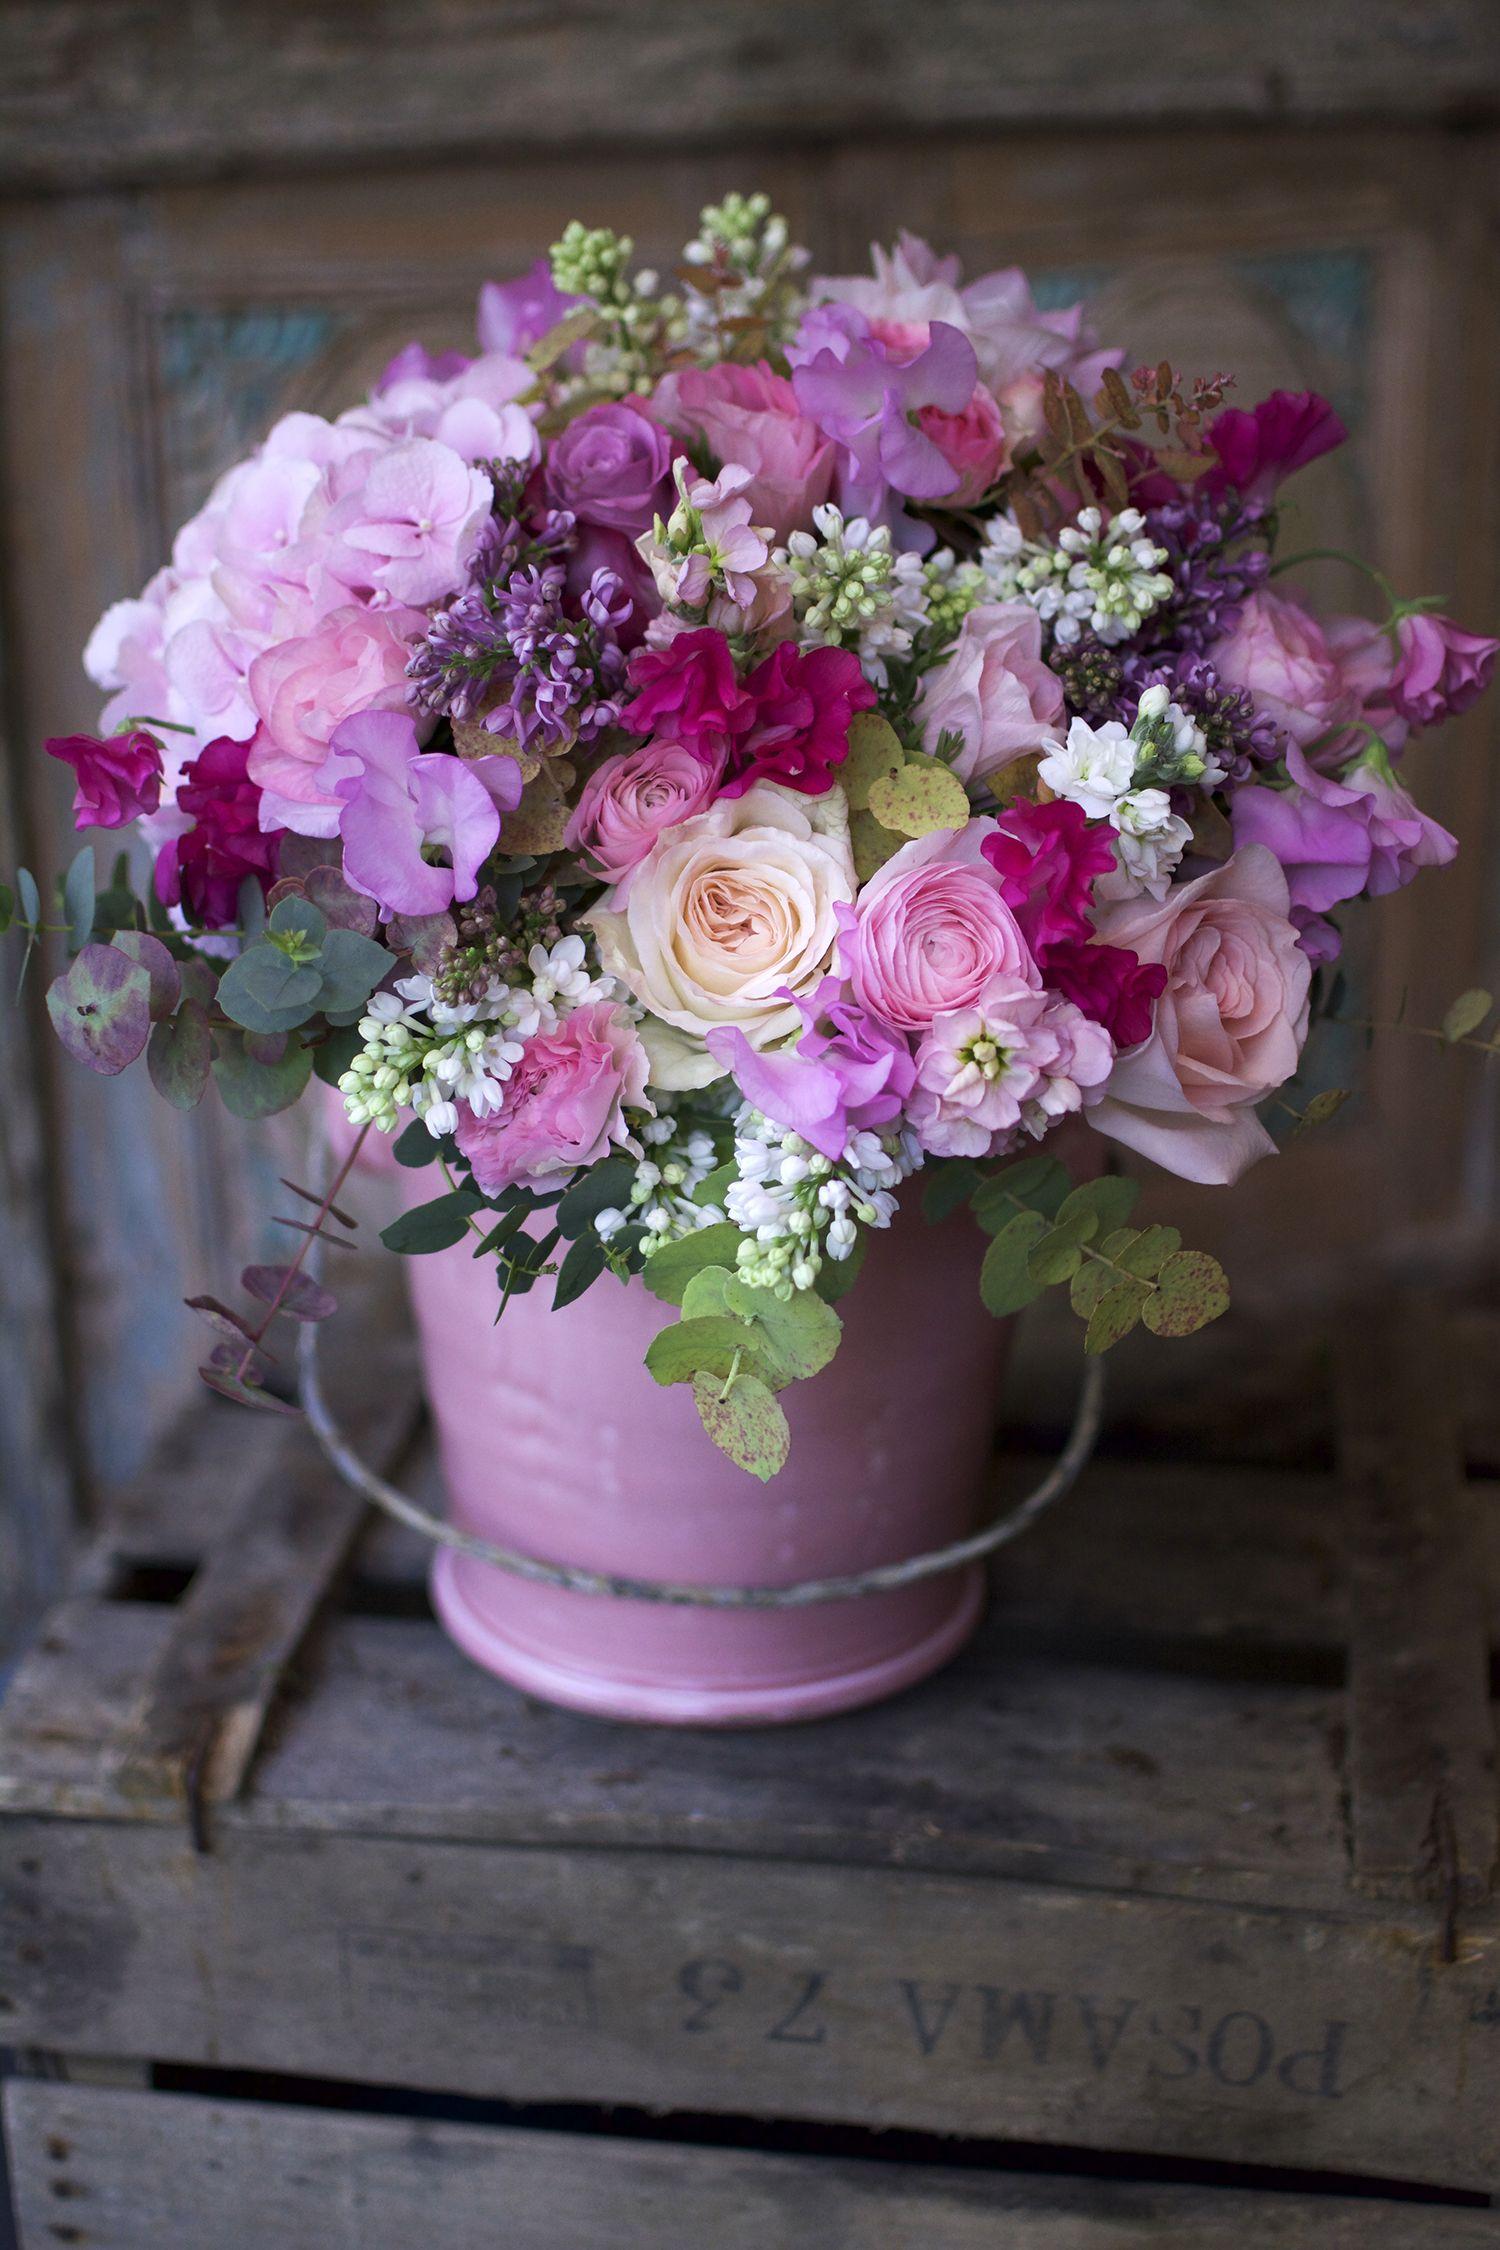 Favori Superbe ! Belle harmonie de couleurs dans les camaïeux de rose  BX47